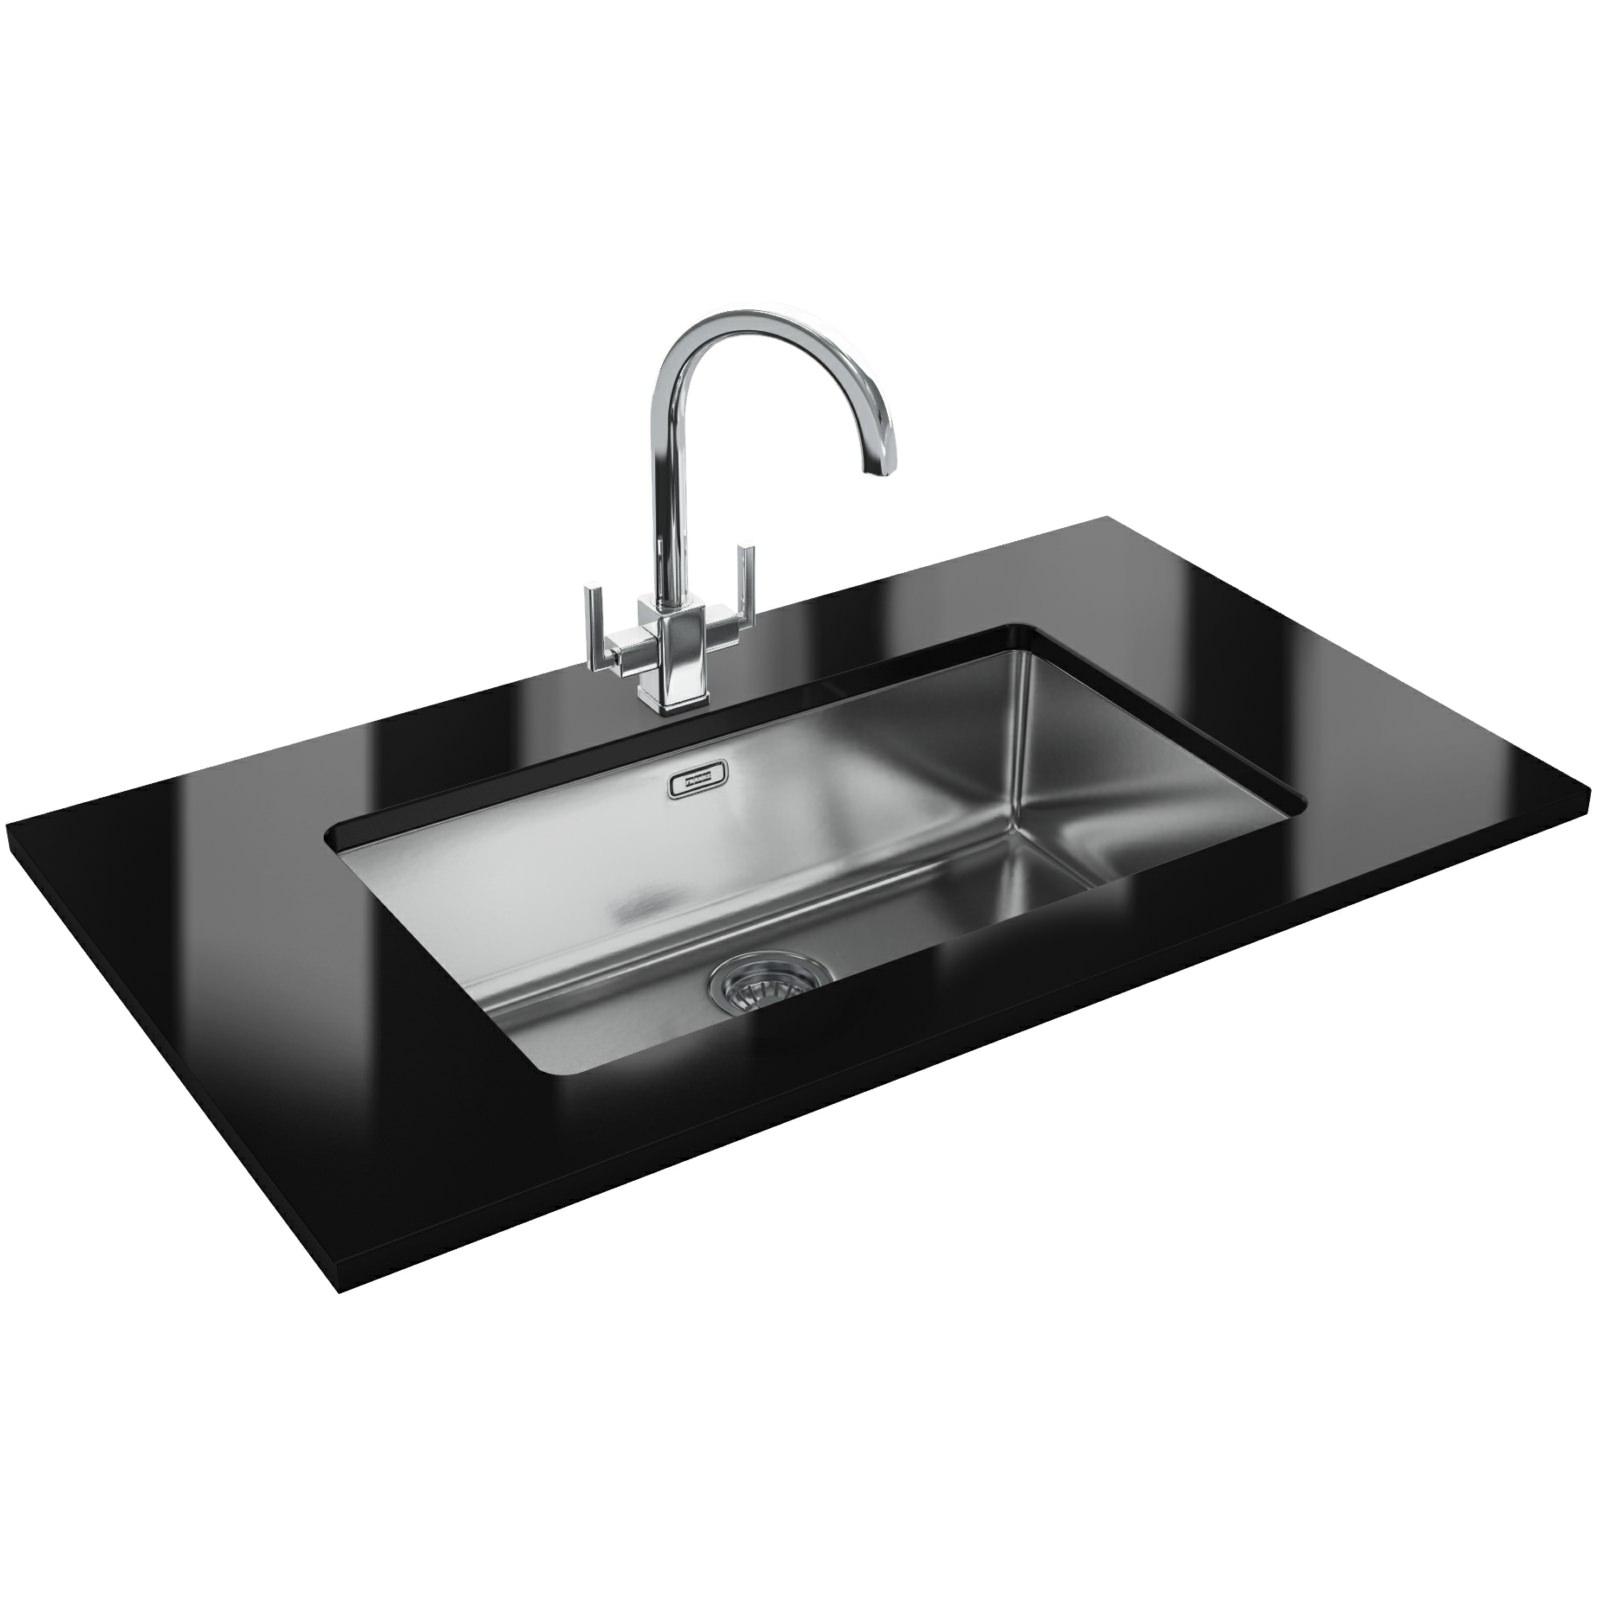 franco kitchen sinks corner cabinet franke kubus designer pack kbx 110 70 stainless steel